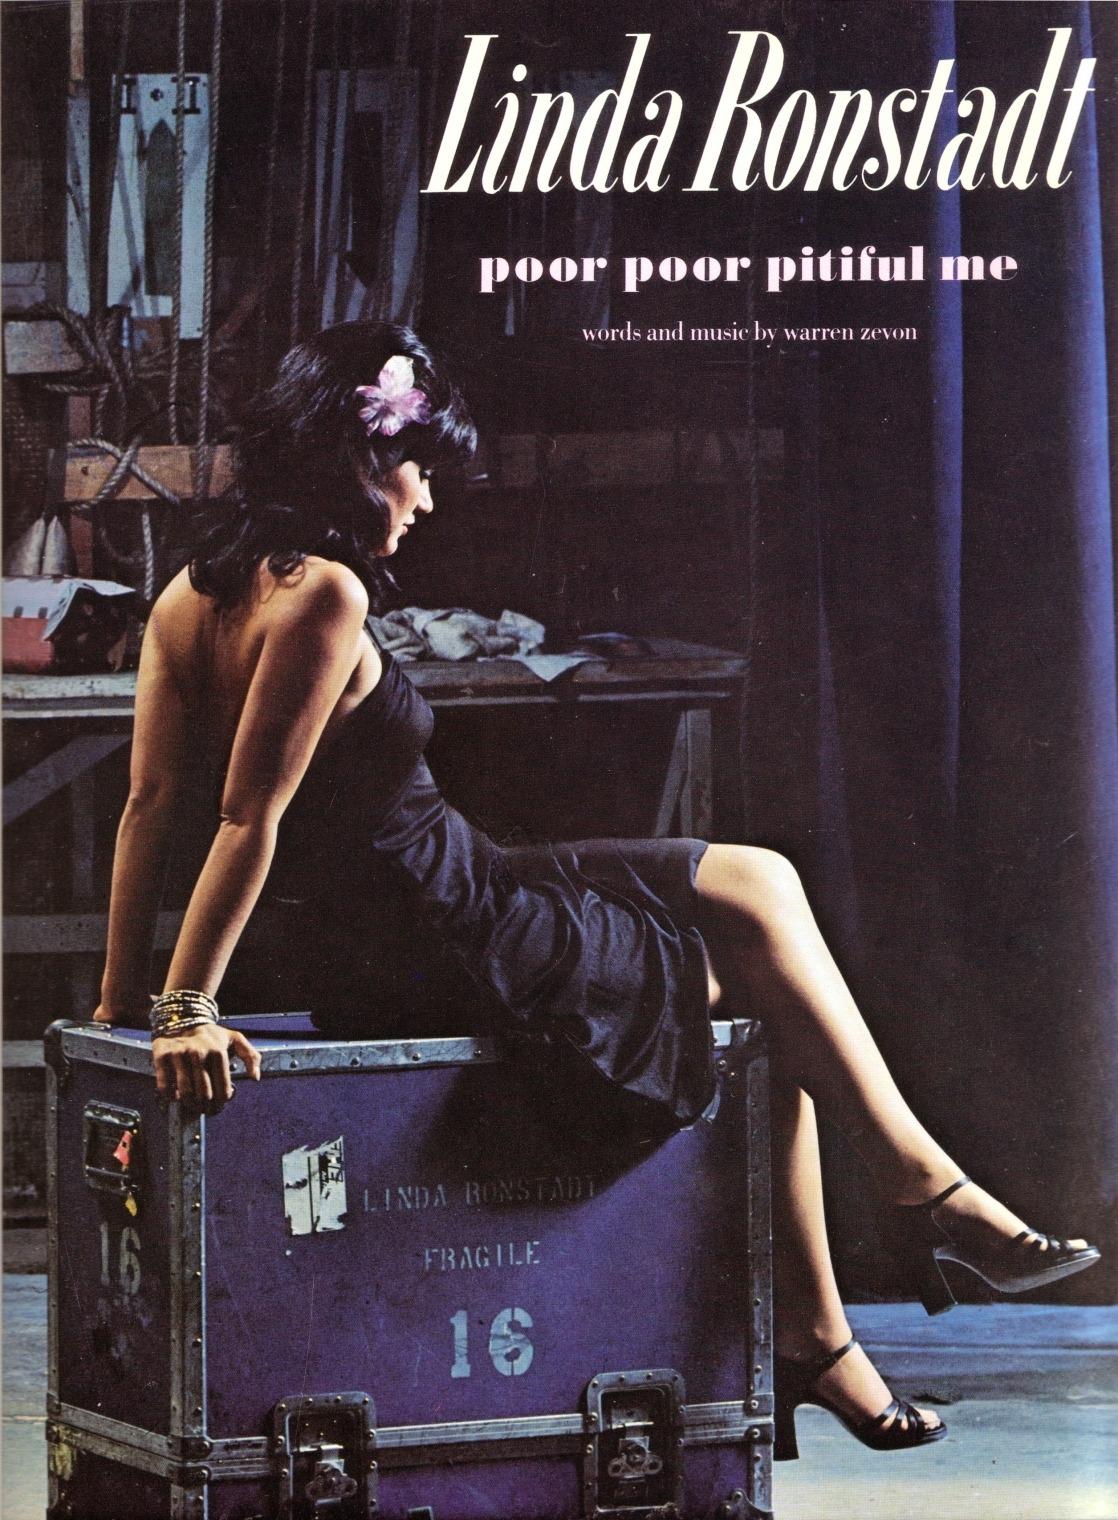 Linda Ronstadt - 'Poor Poor Pitiful Me' - released January 10, 1978